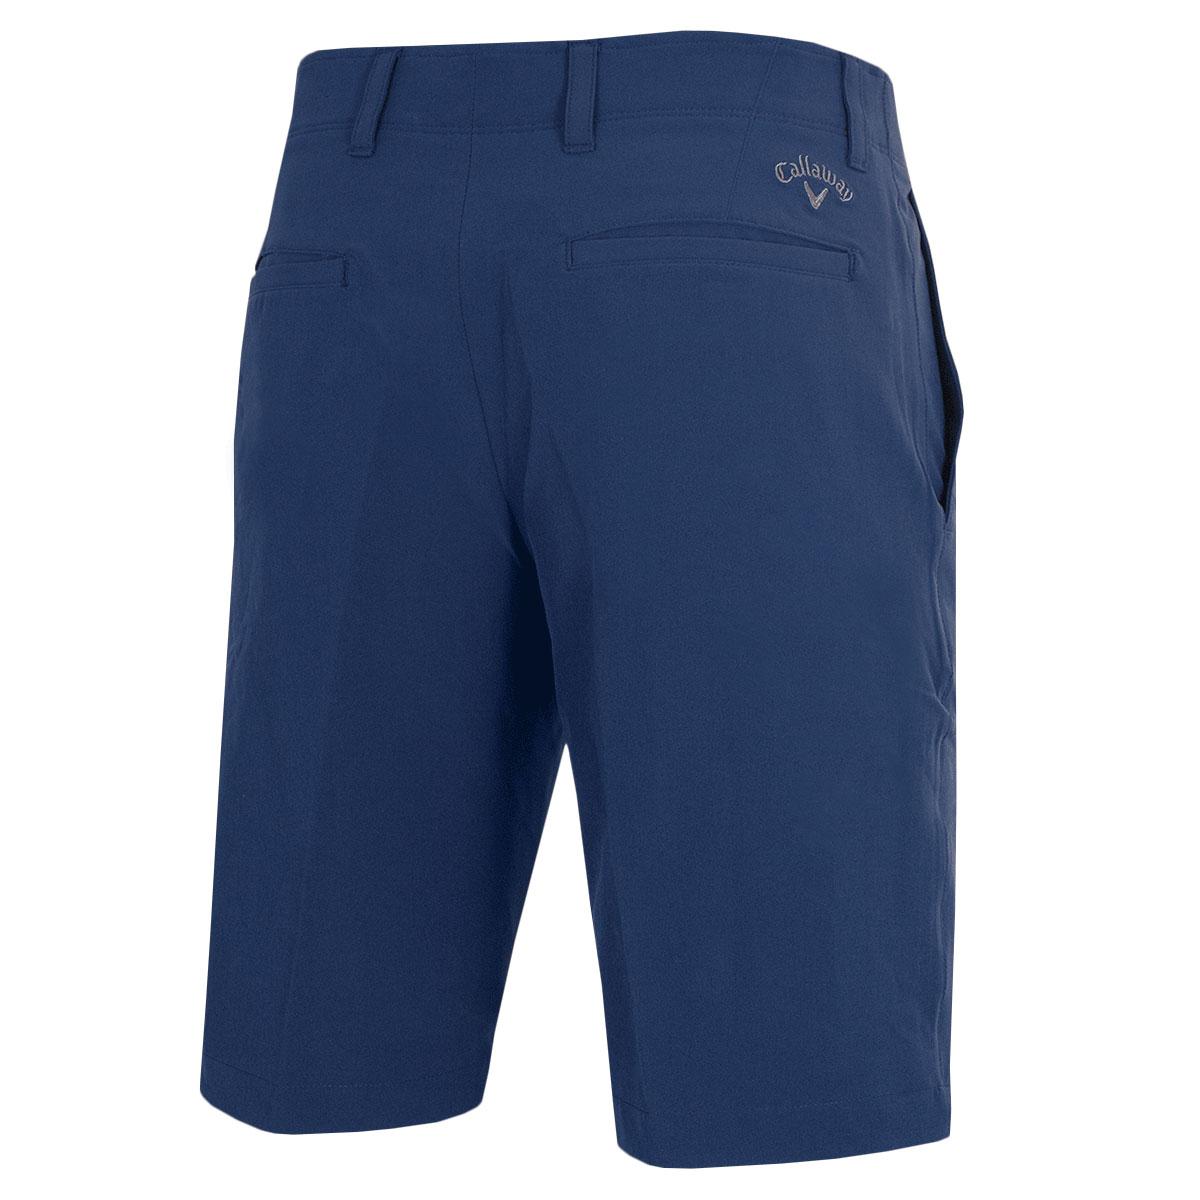 Callaway-Herren-2019-Chev-Tech-II-Opti-Stretch-leichte-Golf-Shorts Indexbild 20